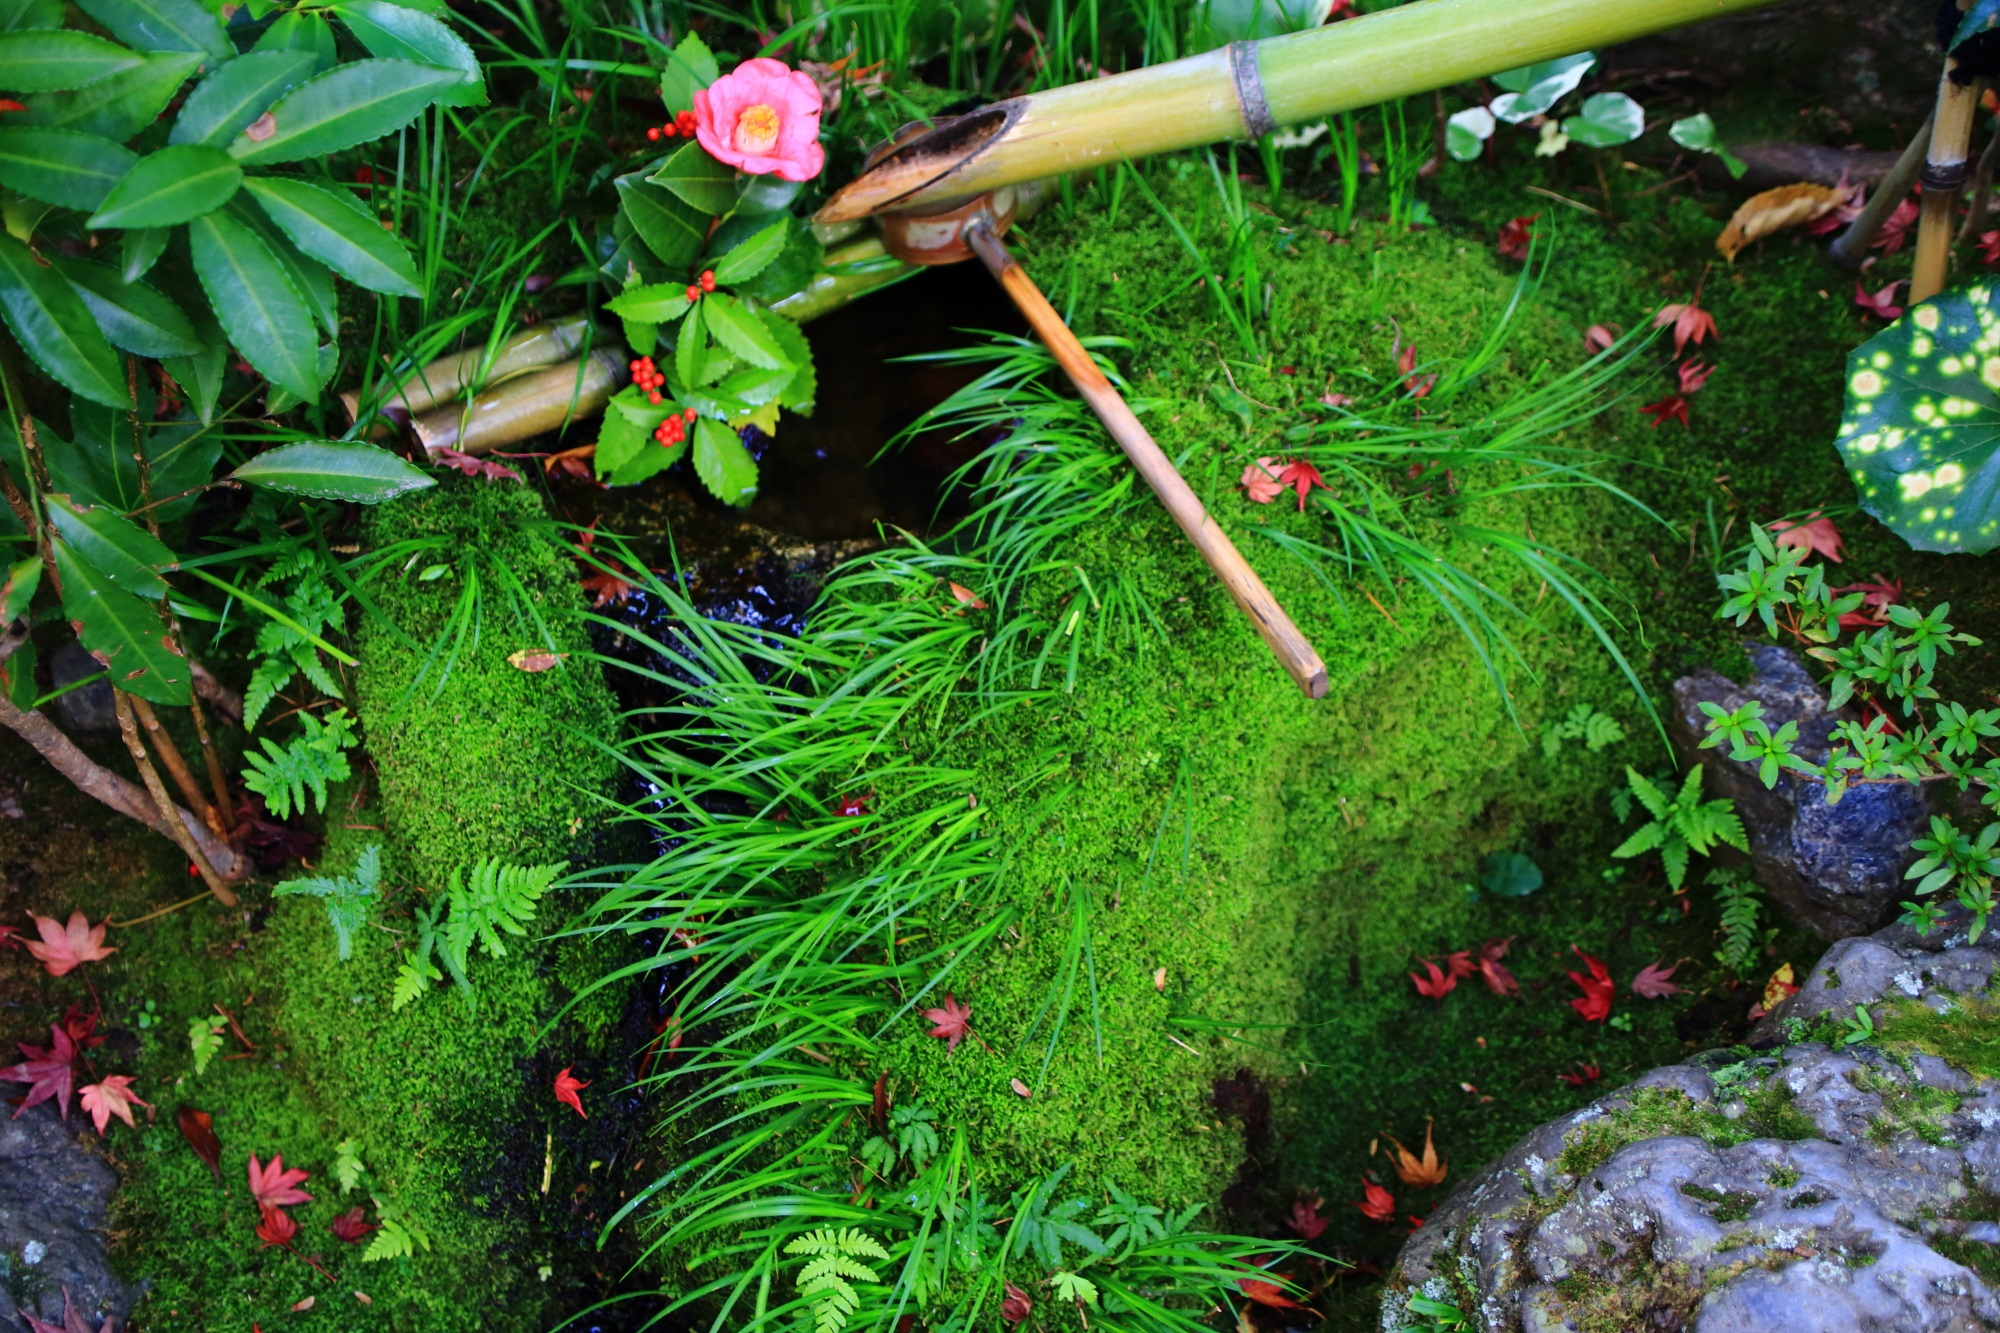 上品な散りもみじと椿が華やぐ見事な彩りの余香苑のつくばいと水琴窟